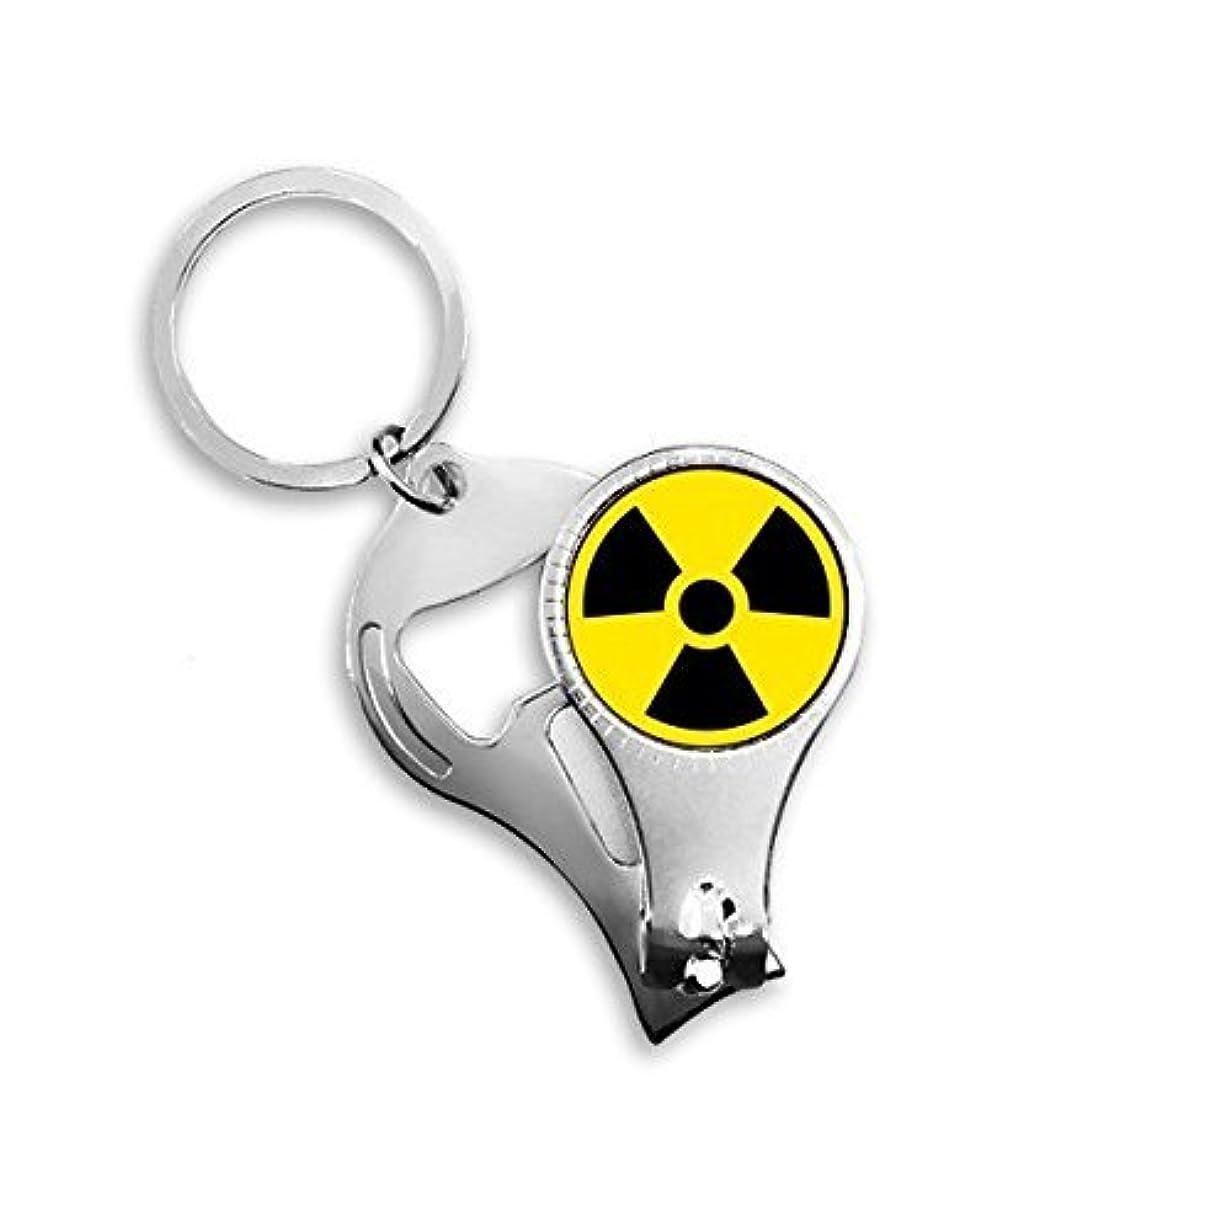 マーティフィールディング火山学者アンソロジーPINGFUFF HOME 黄色危険化学放射線有害な恐ろしいサークルシンボルイラストパターン金属キーホルダーリング多機能ネイルクリッパー栓抜き車のキーチェーン最高のチャームギフト